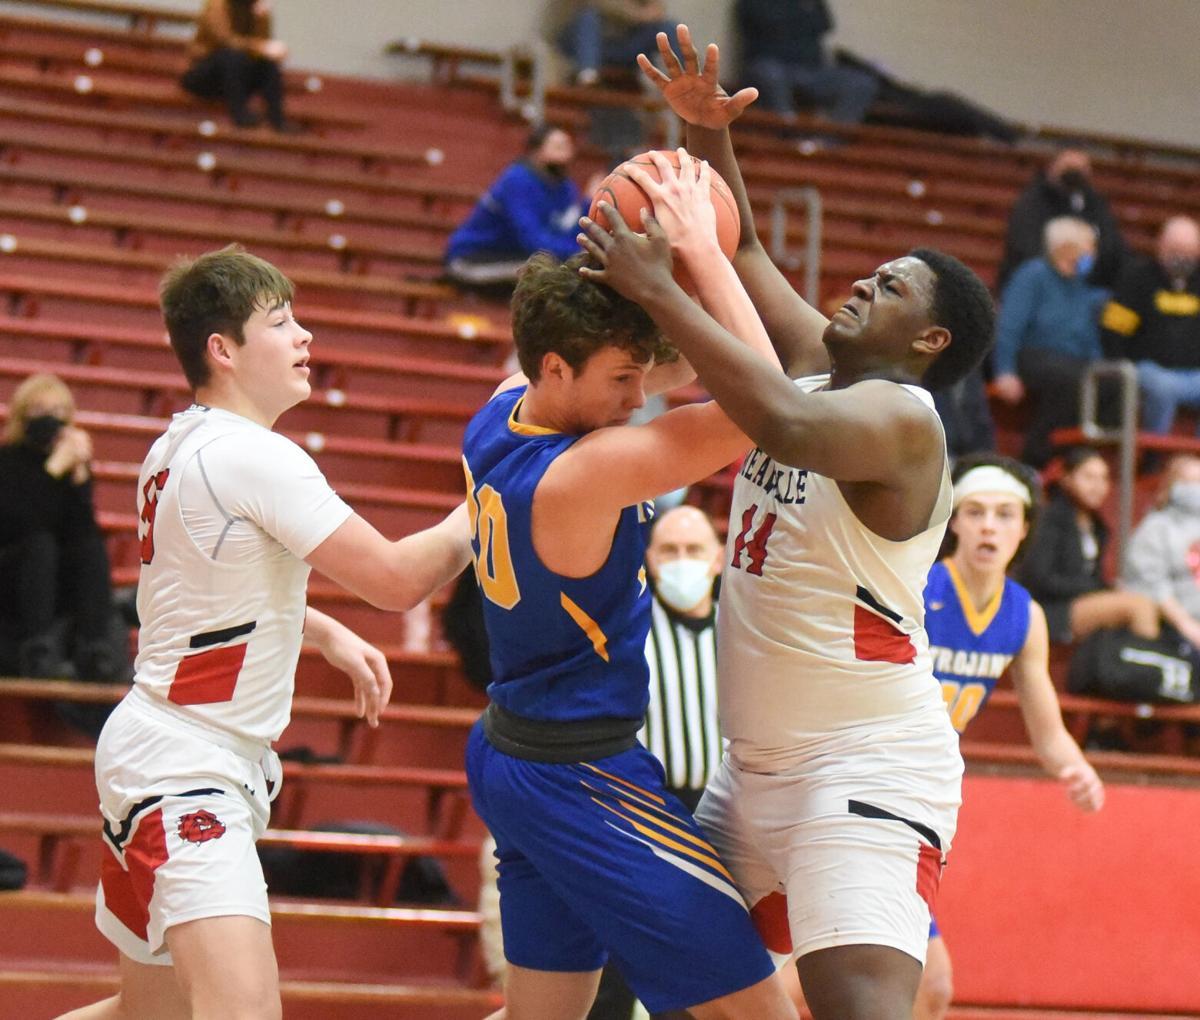 Boys Basketball - Meadville vs. Greenville